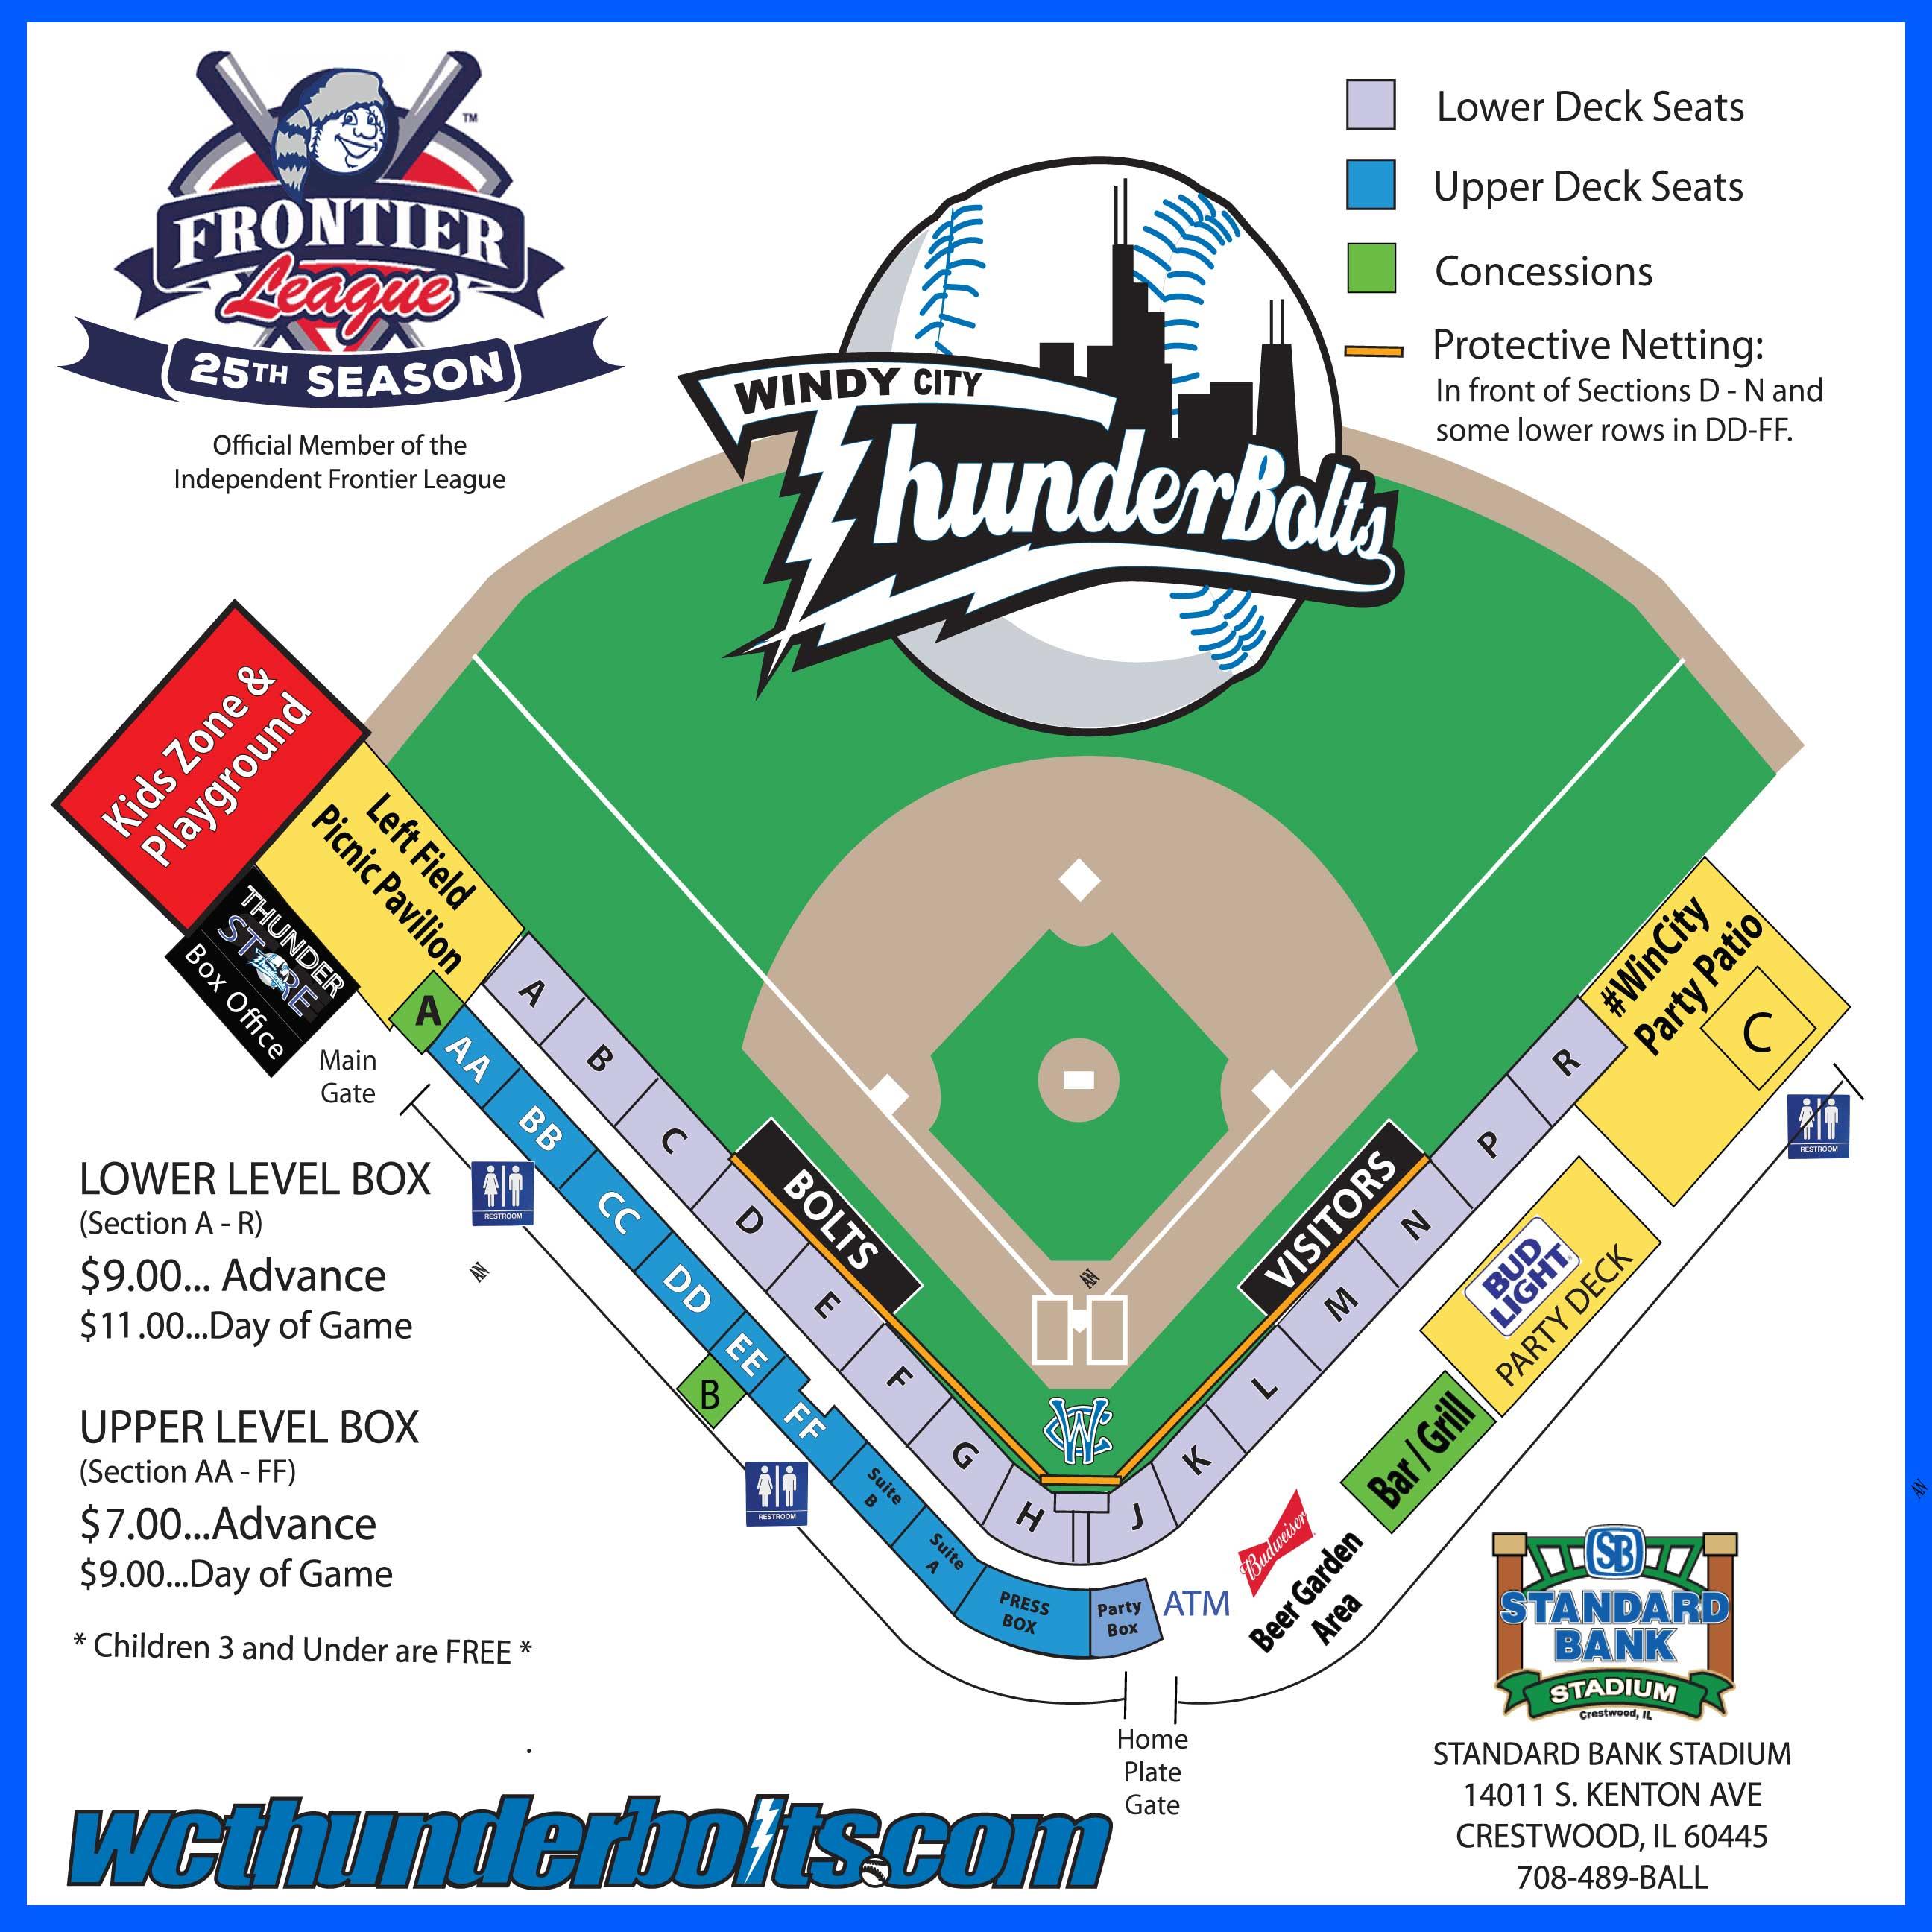 stadium seating chart